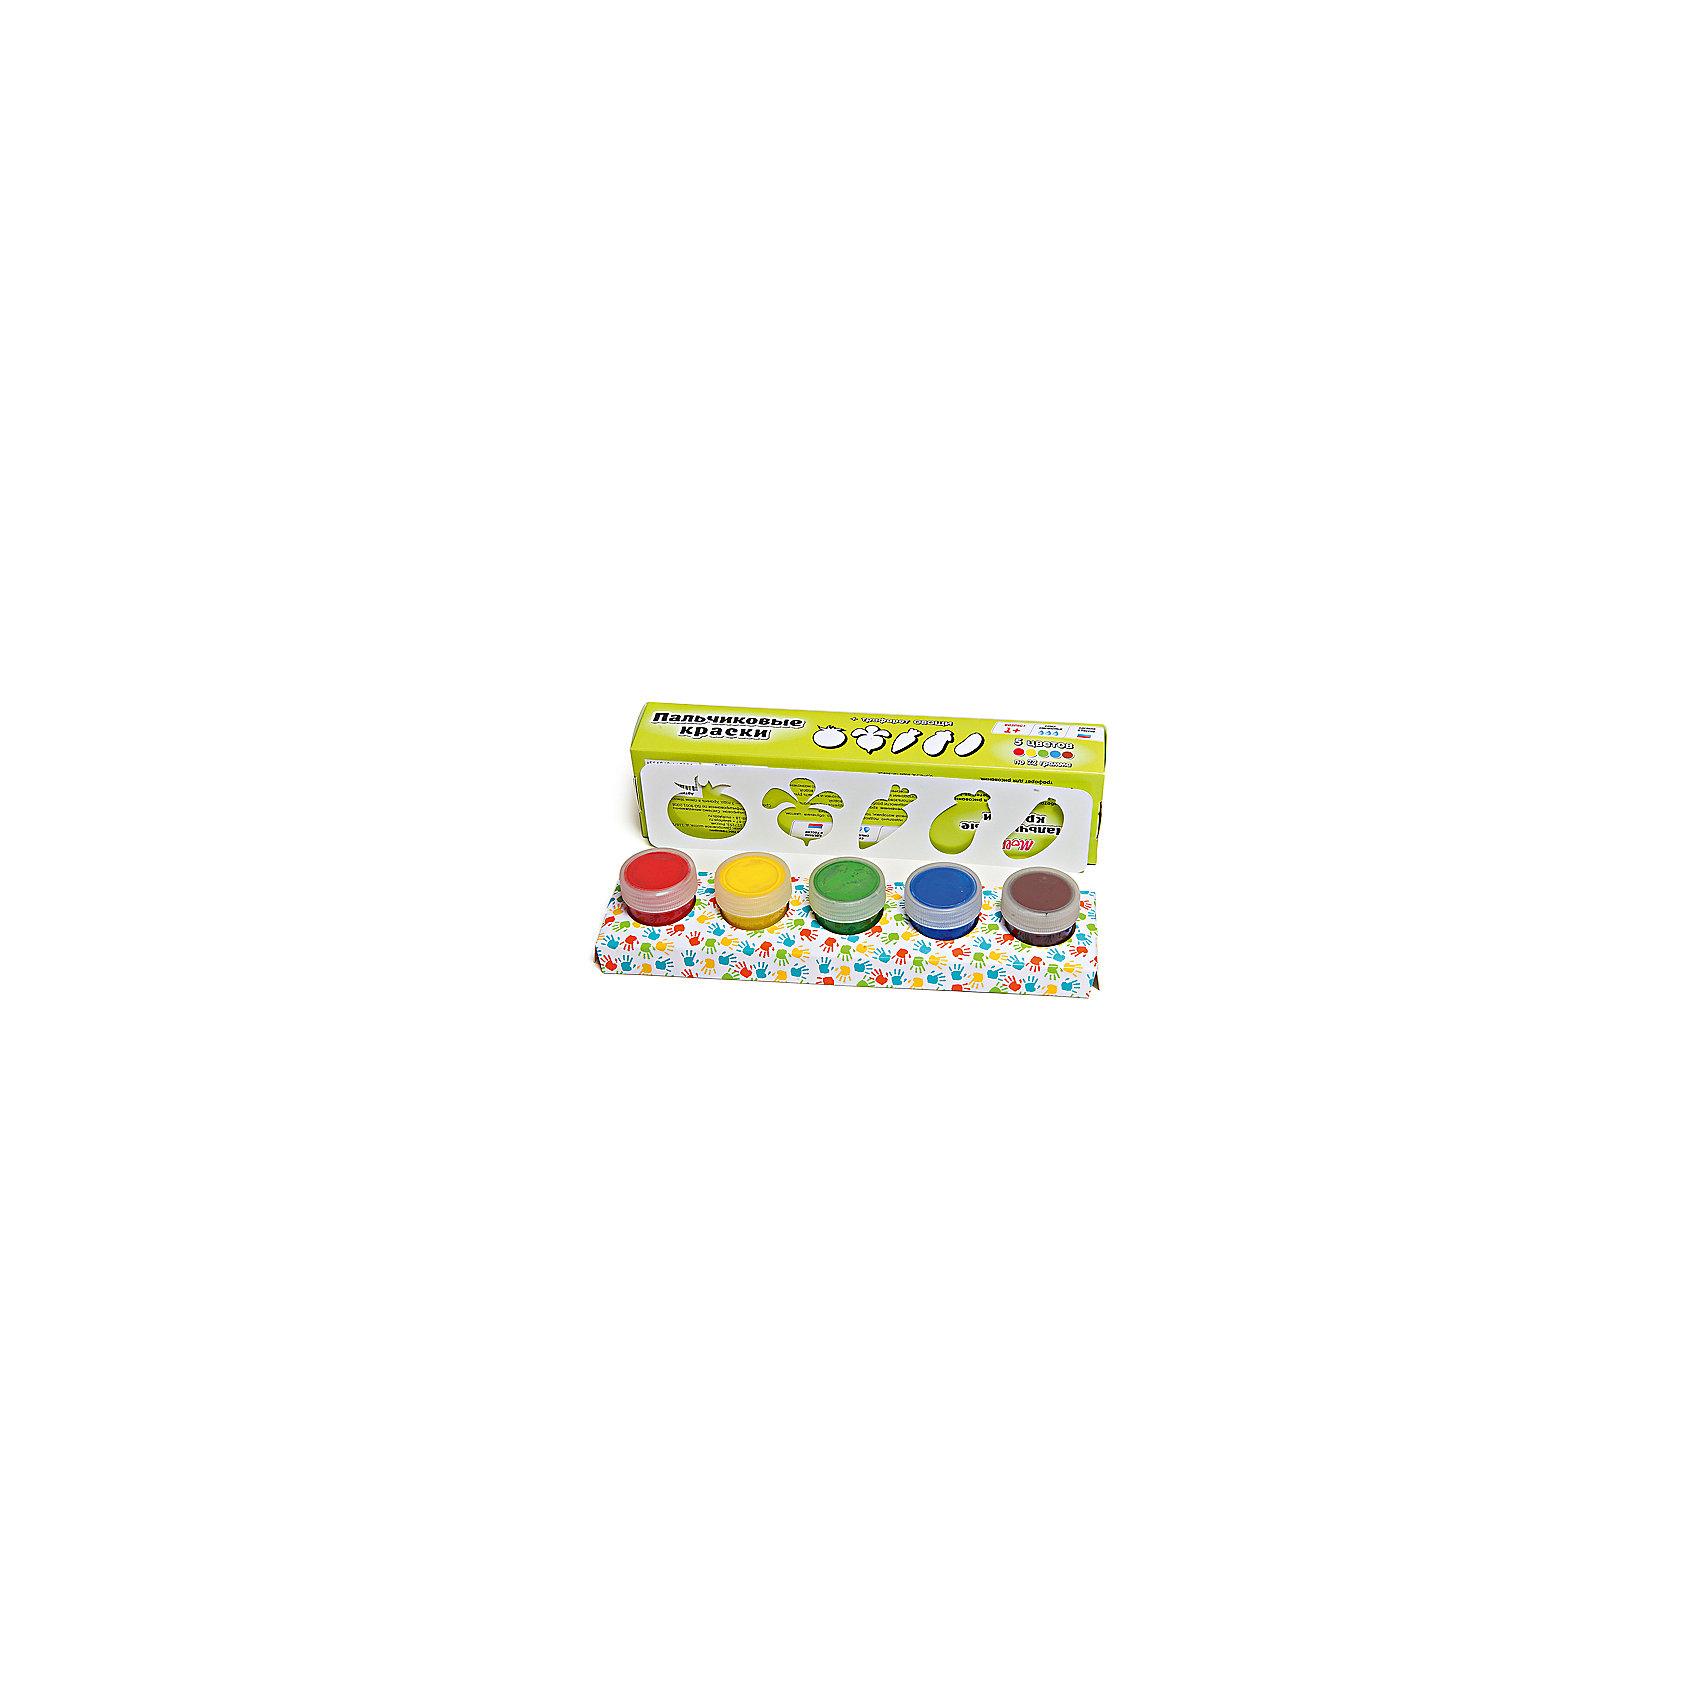 Пальчиковые краски + трафарет Овощи 5цв х 22млПальчиковые краски<br>Краски идеально подходят для раннего обучения цветам, развития тонкой моторики, тактильного восприятия. В состав включены тематический трафарет для рисования. Состав: пищевой краситель, целлюлозный загуститель, глицерин, мел, консервант косметический, вода питьевая.<br><br>Ширина мм: 24<br>Глубина мм: 6<br>Высота мм: 4<br>Вес г: 110<br>Возраст от месяцев: 12<br>Возраст до месяцев: 60<br>Пол: Унисекс<br>Возраст: Детский<br>SKU: 5115207